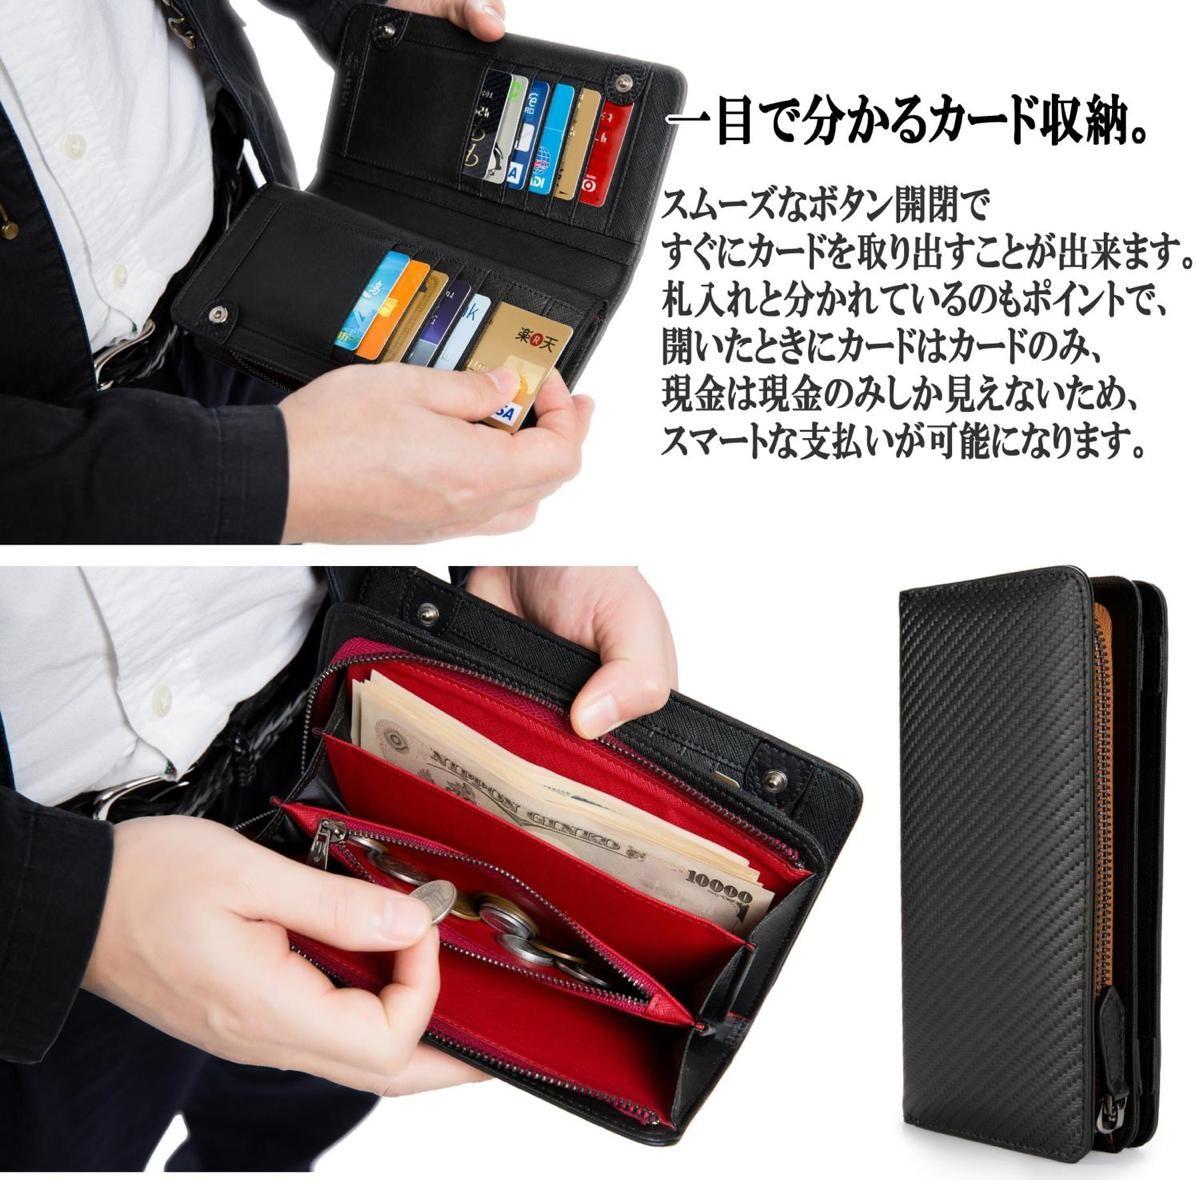 一目で分かるカード収納の長財布